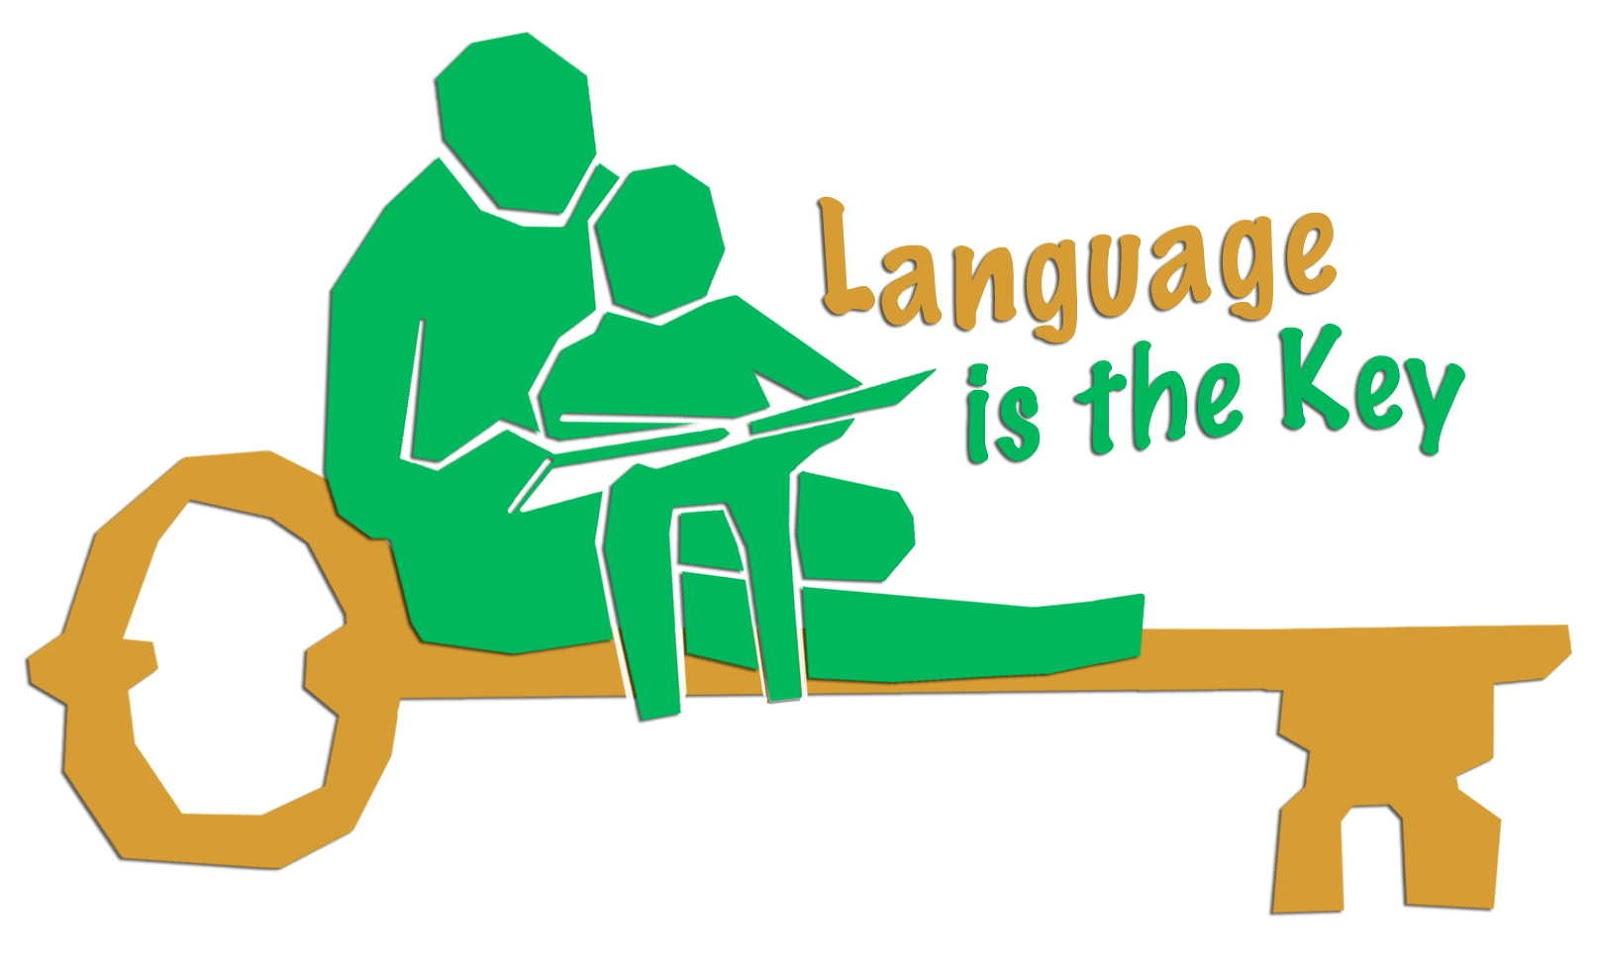 4 Ngoại ngữ giúp bạn rộng cửa trên con đường sự nghiệp